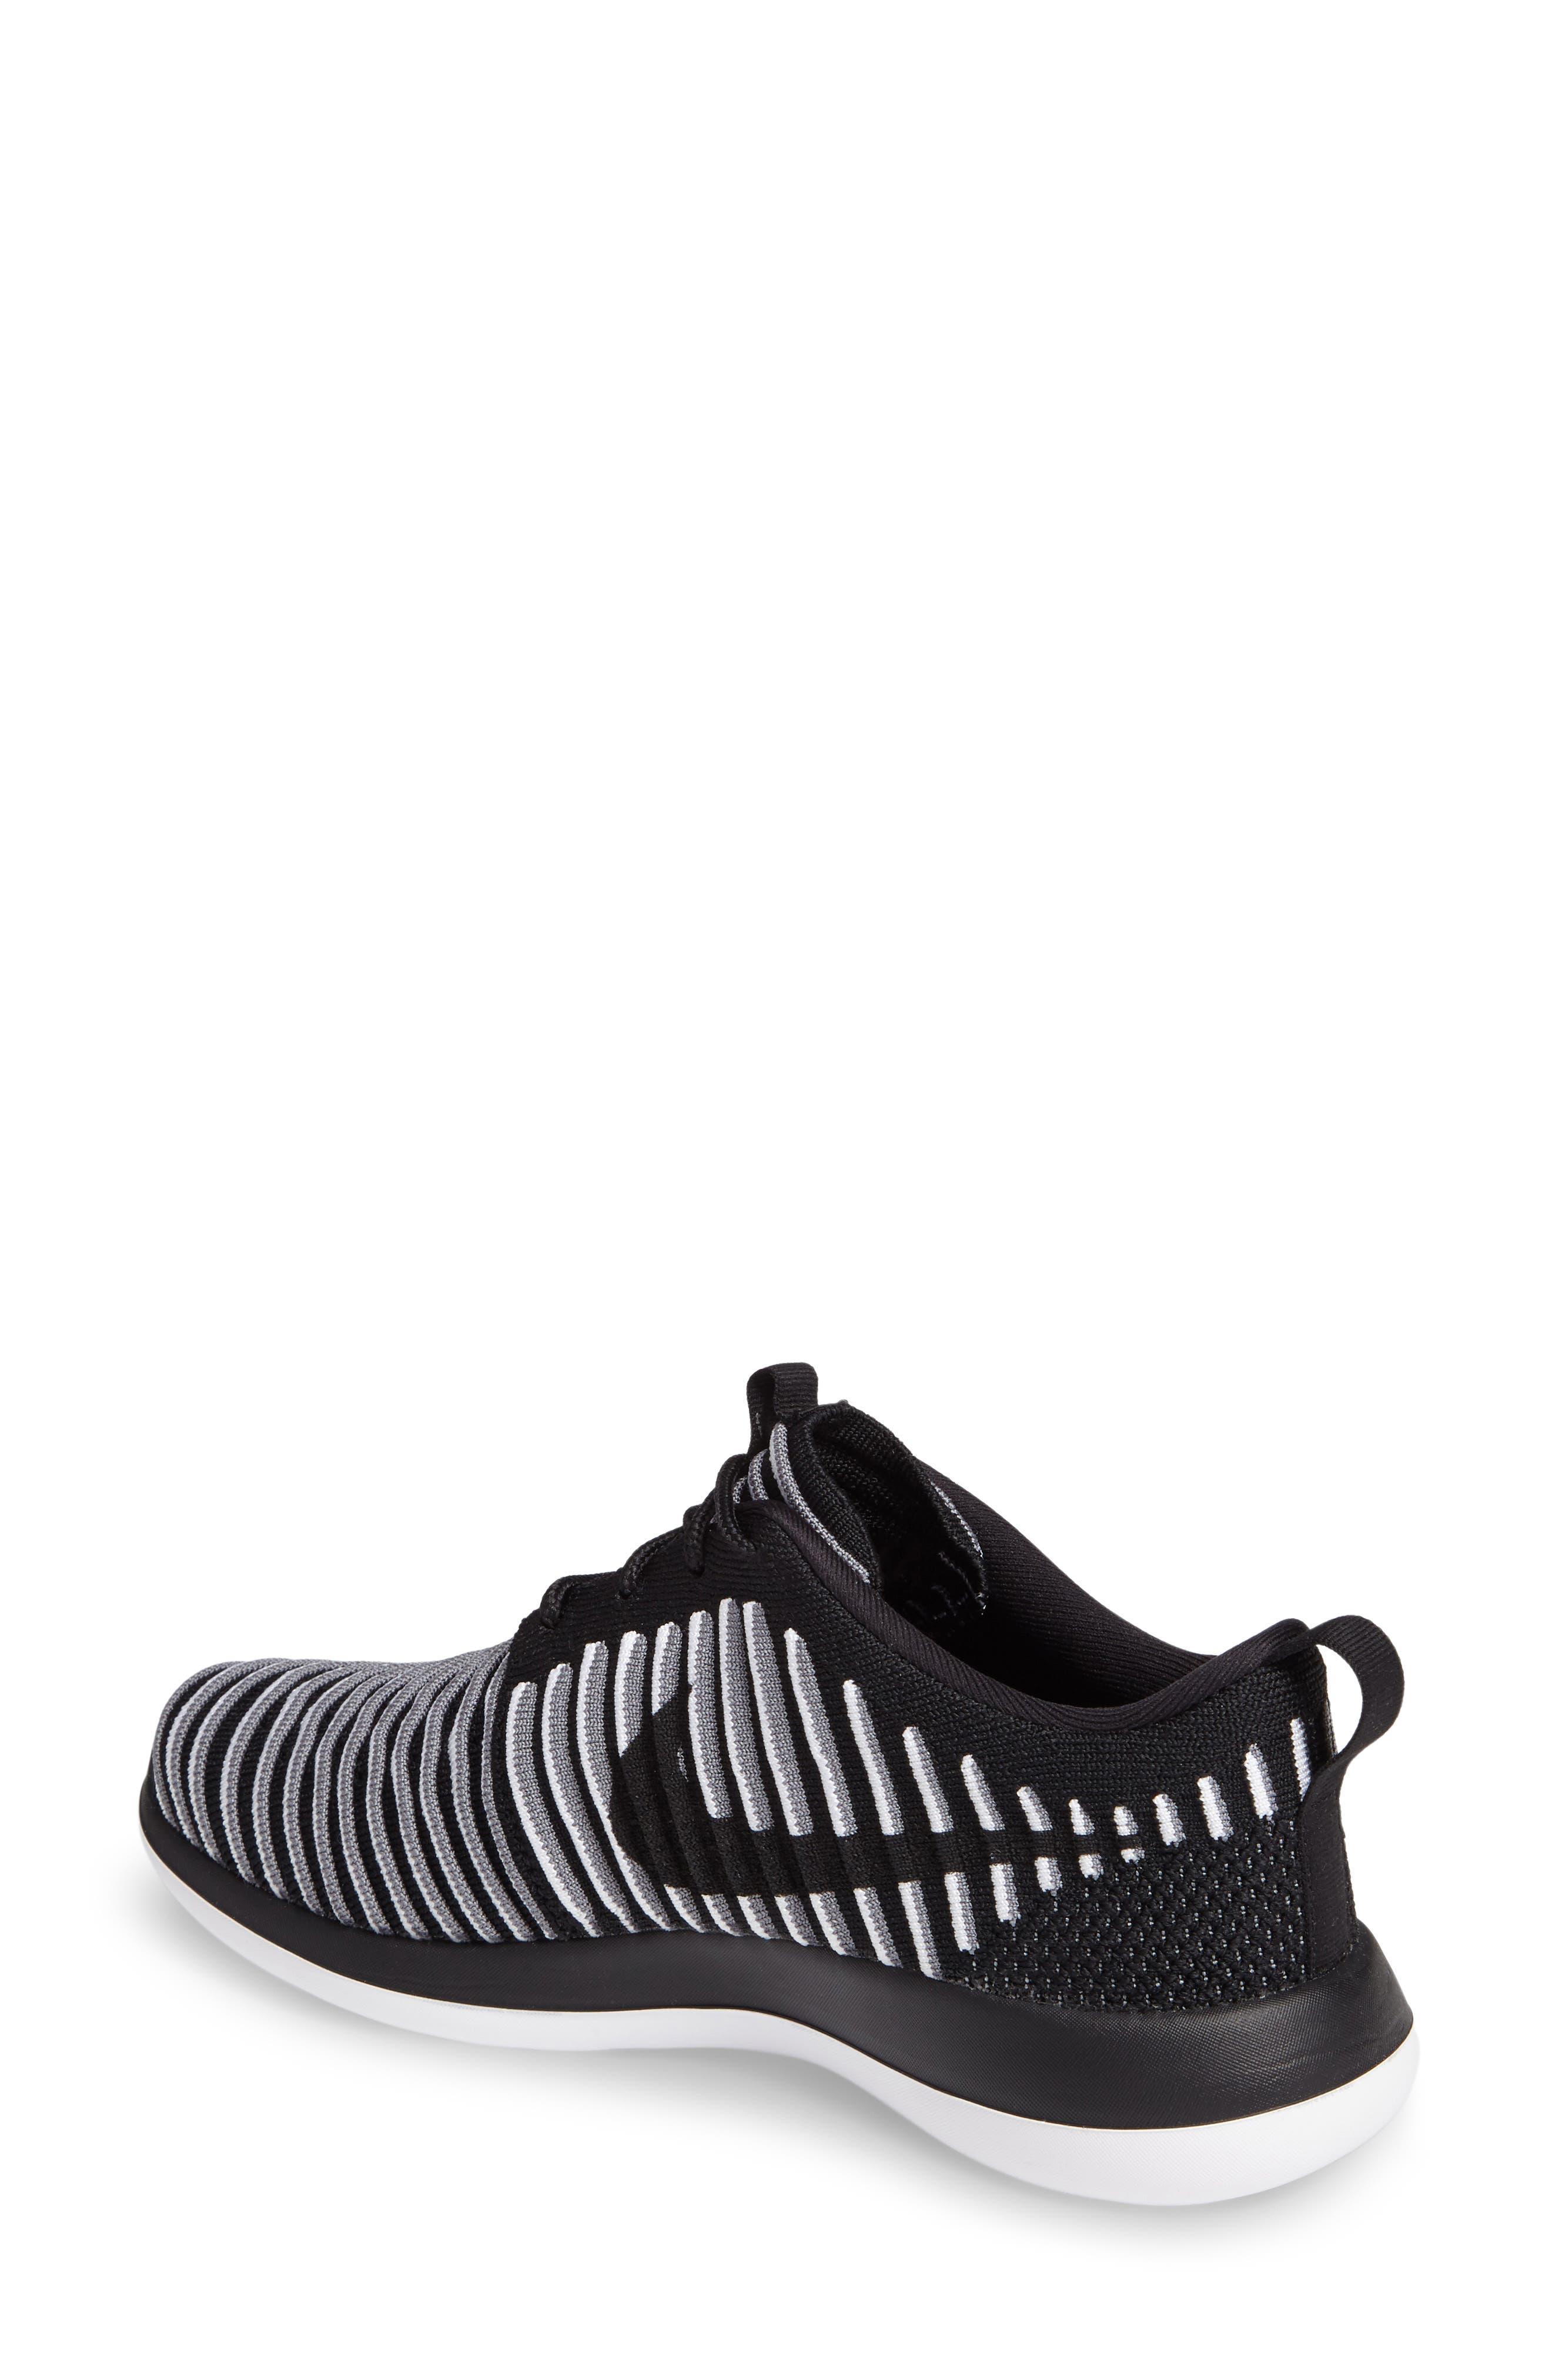 Alternate Image 2  - Nike Roshe Two FlyKnit Sneaker (Women)